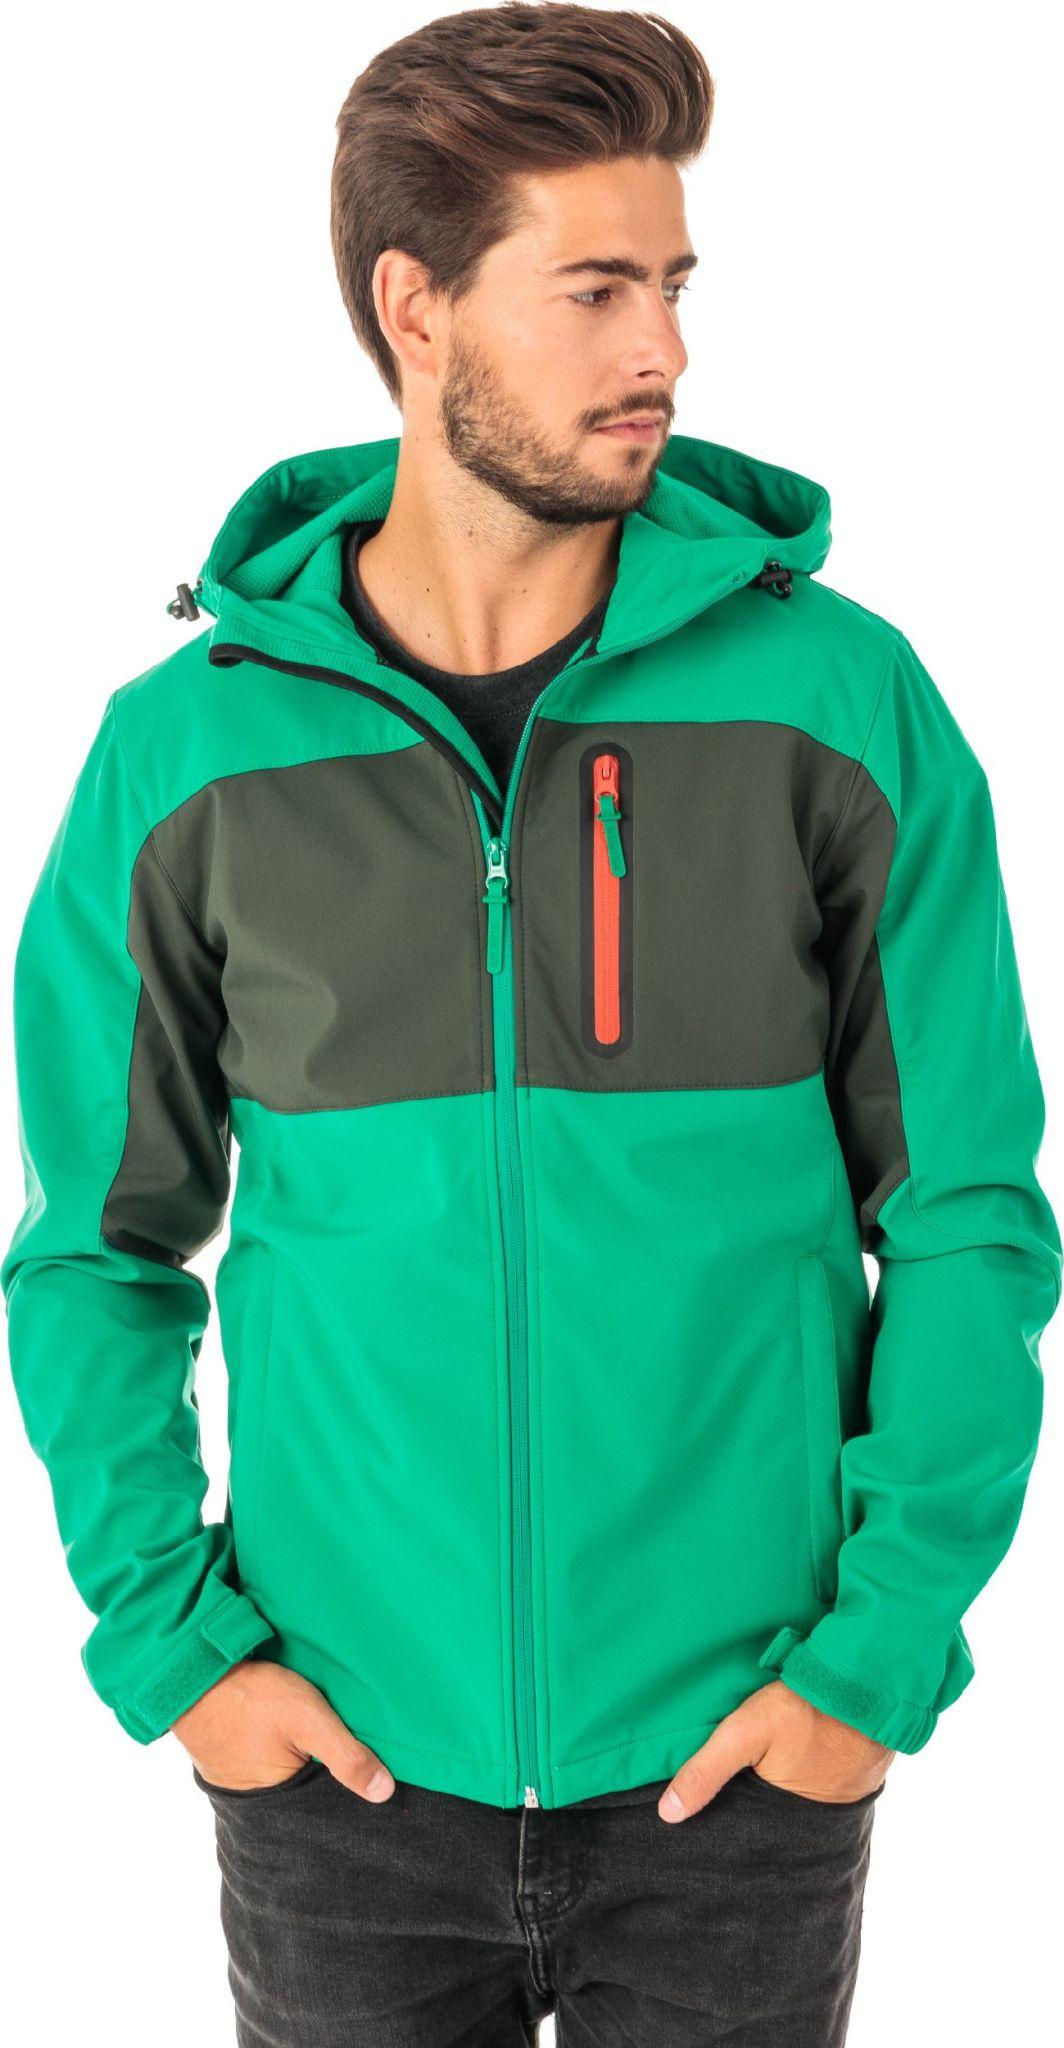 Iguana Kurtka męska Softshell Mosi Ultramarine Green r. M ID produktu: 1634159